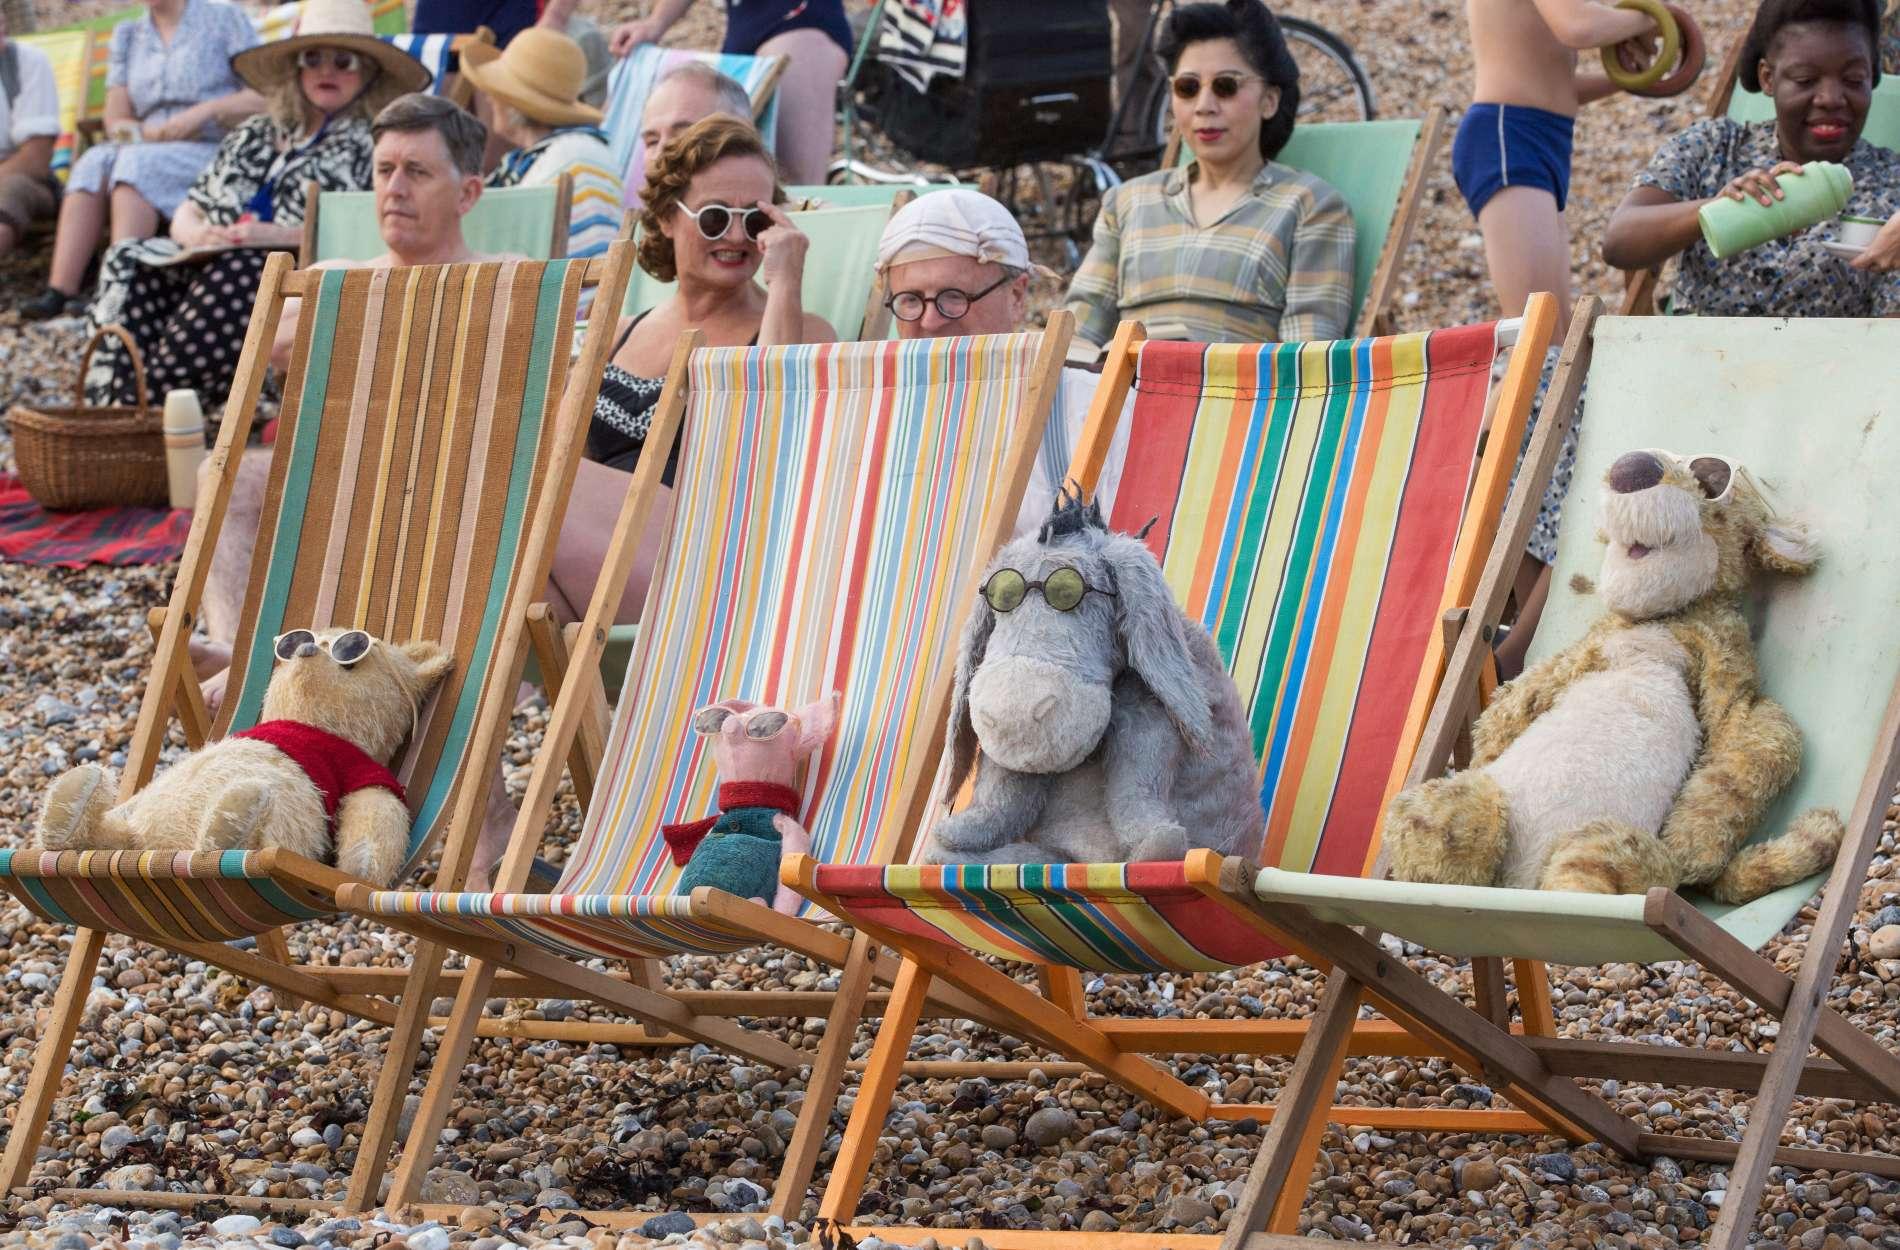 Auch Kuscheltiere brauchen mal eine Auszeit: Pu, Ferkel, I-Aah und Tigger im Urlaubsmodus.